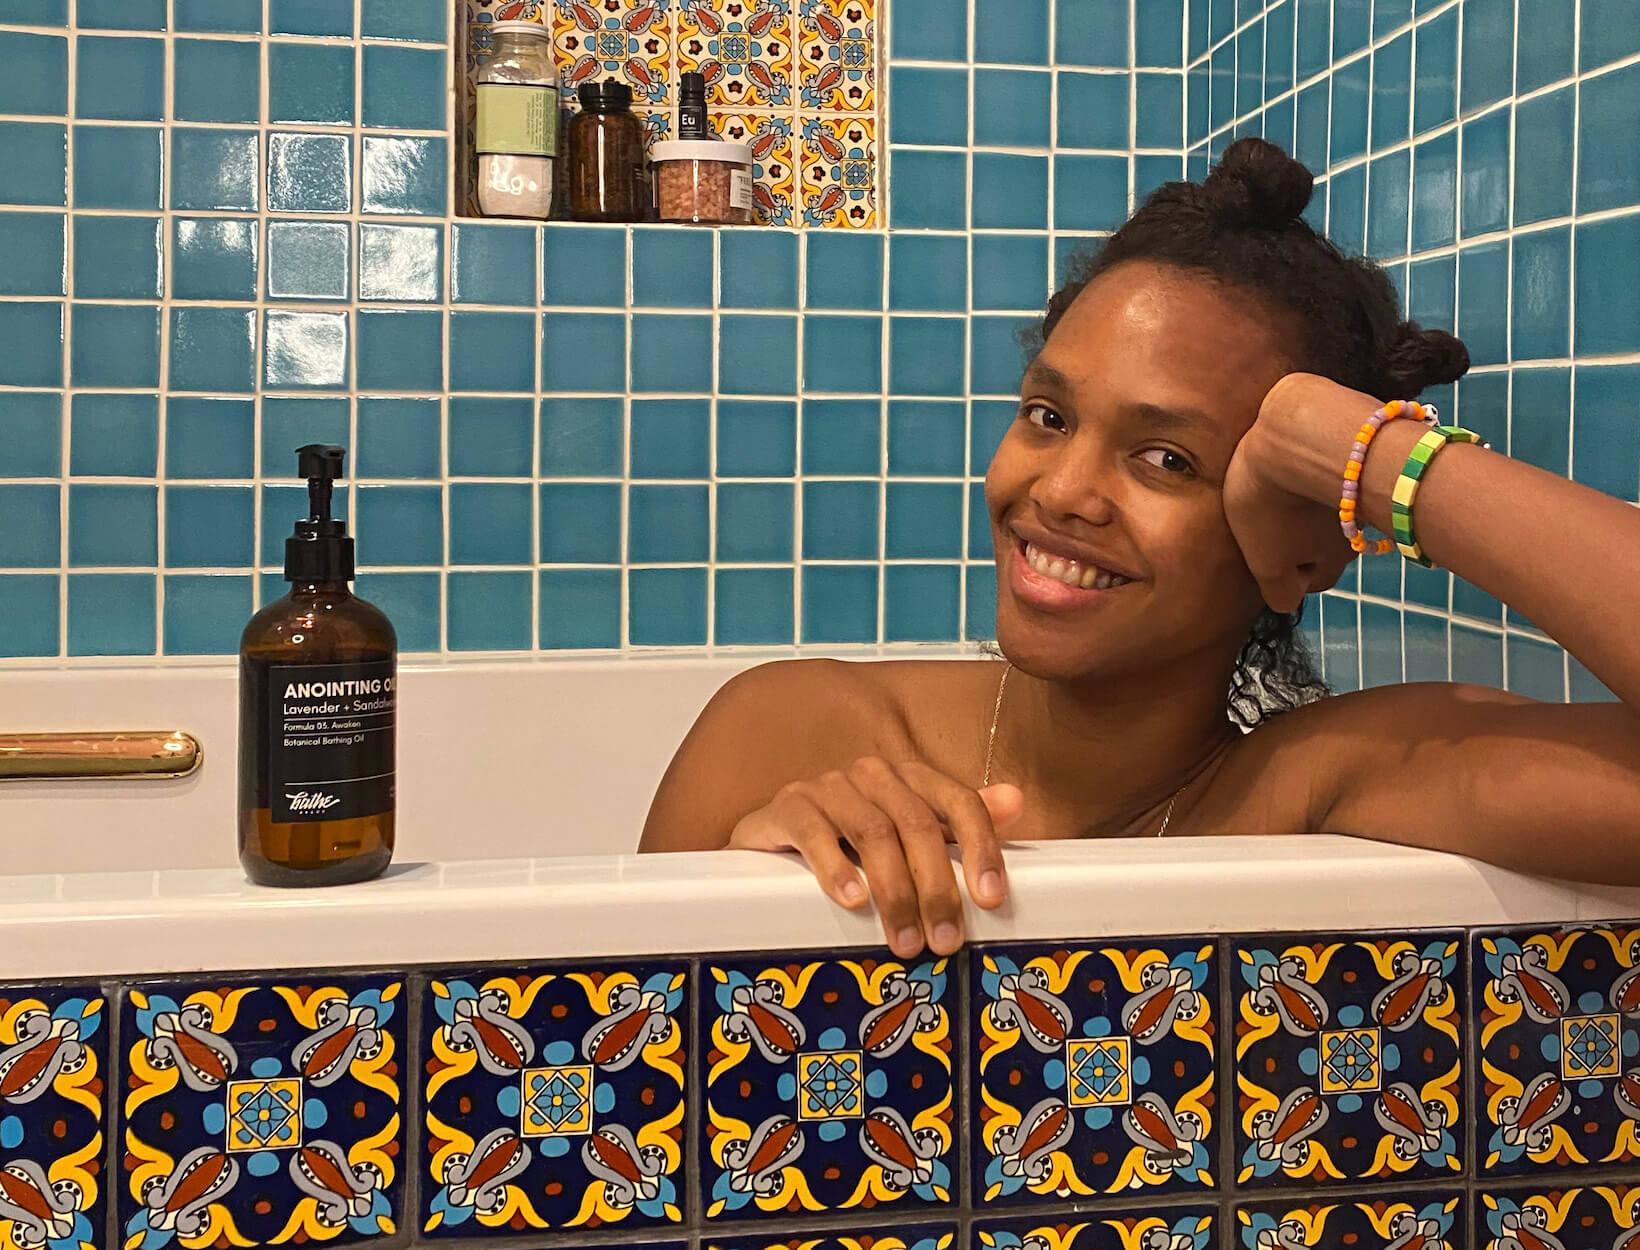 Megan O'Neill in bath tub